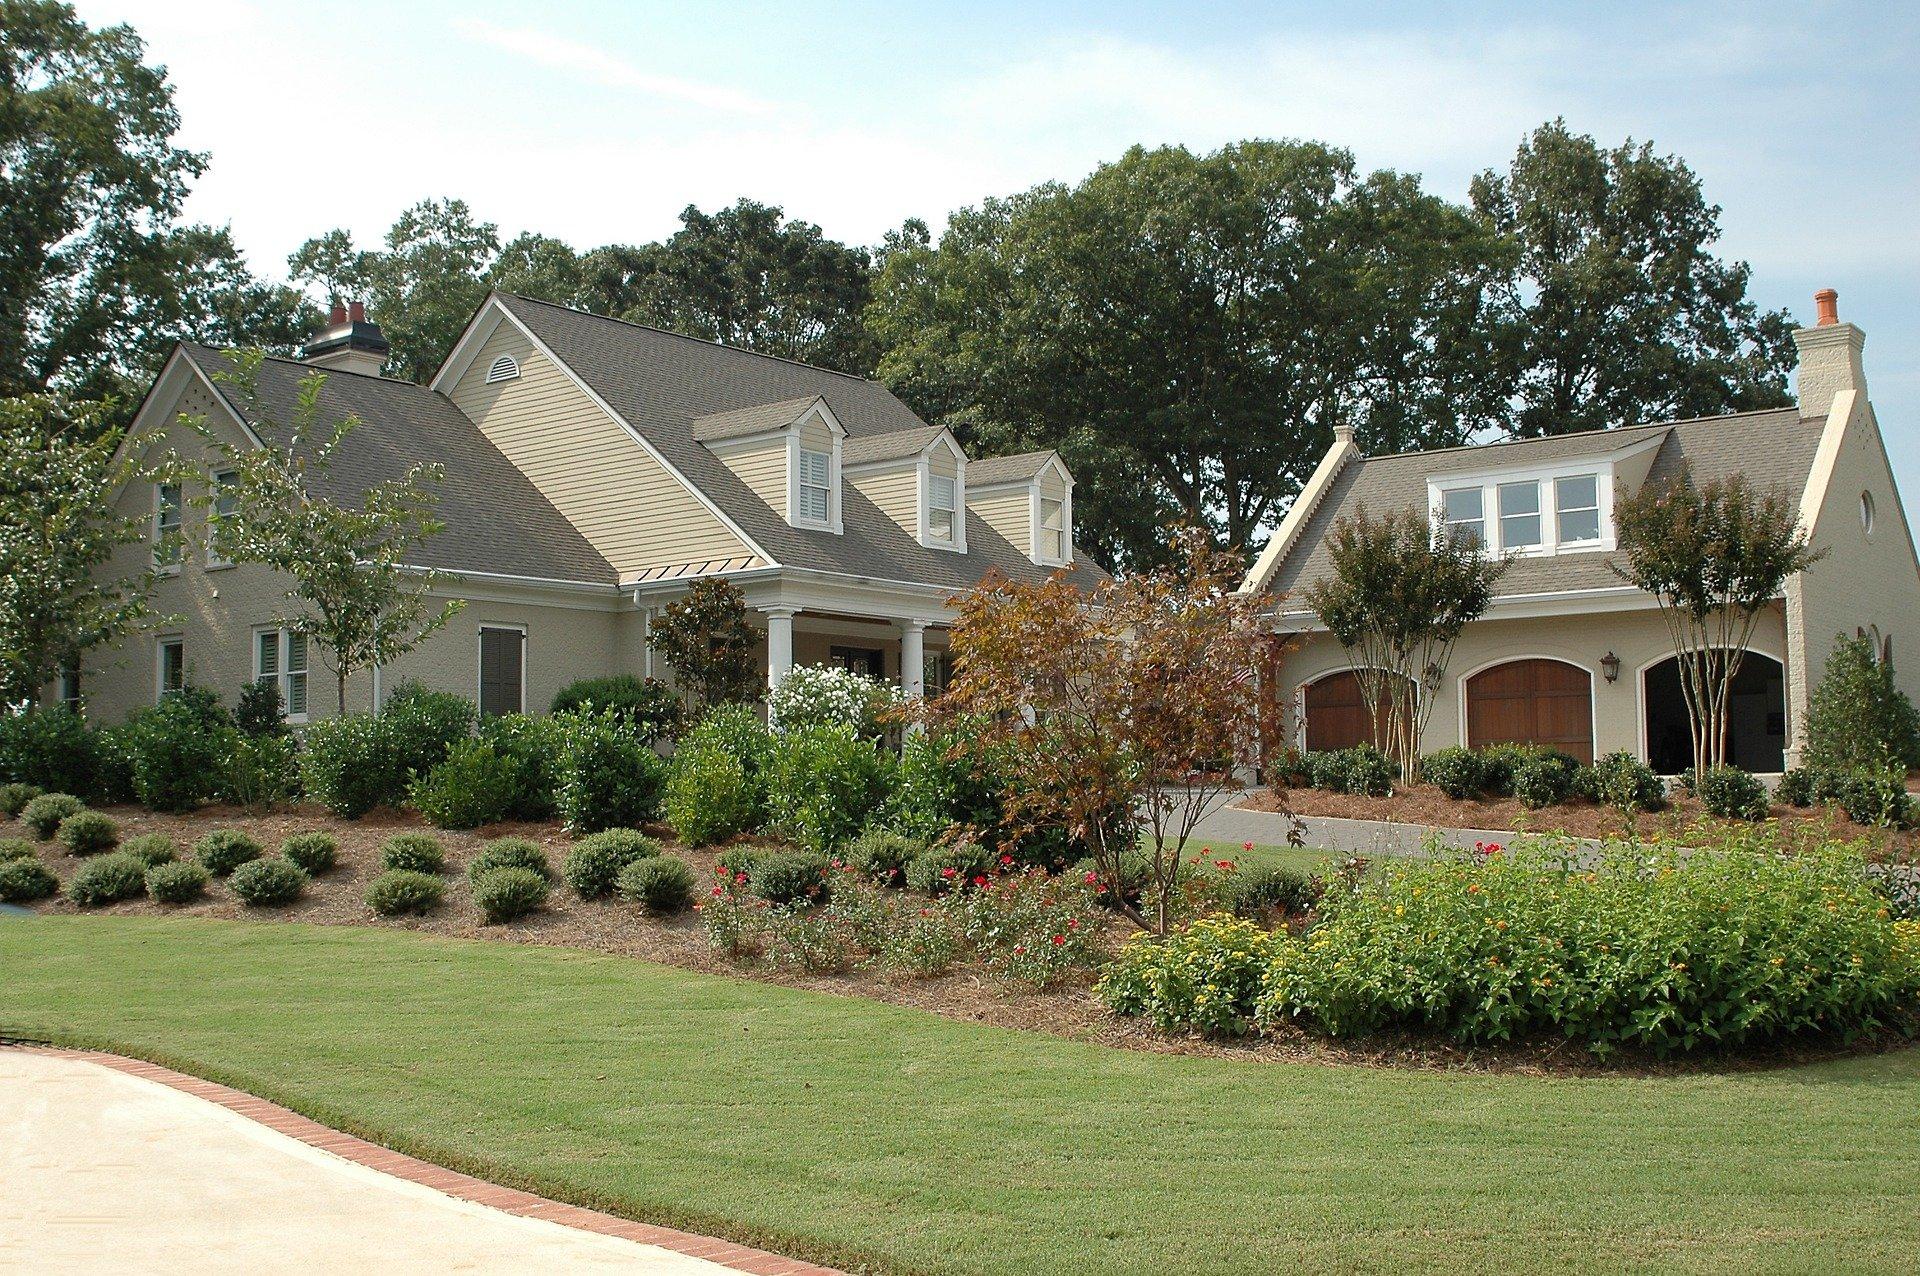 Tout ce que vous devez savoir pour bien investir en immobilier 1